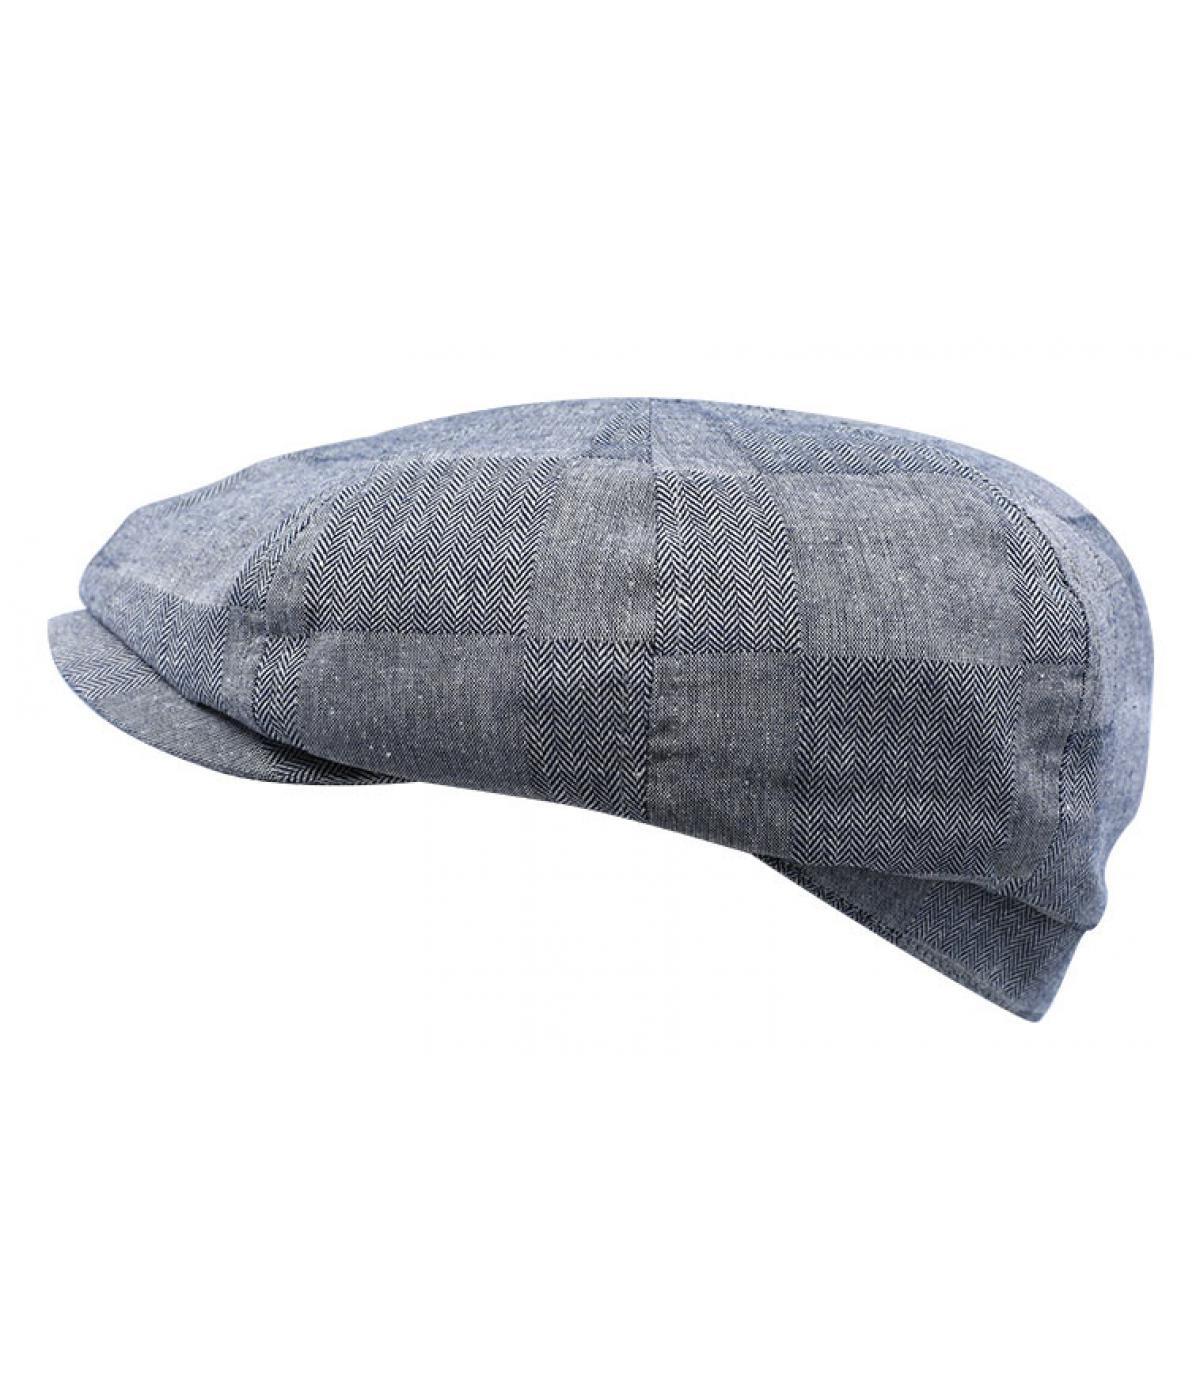 navy blue newsboy cap